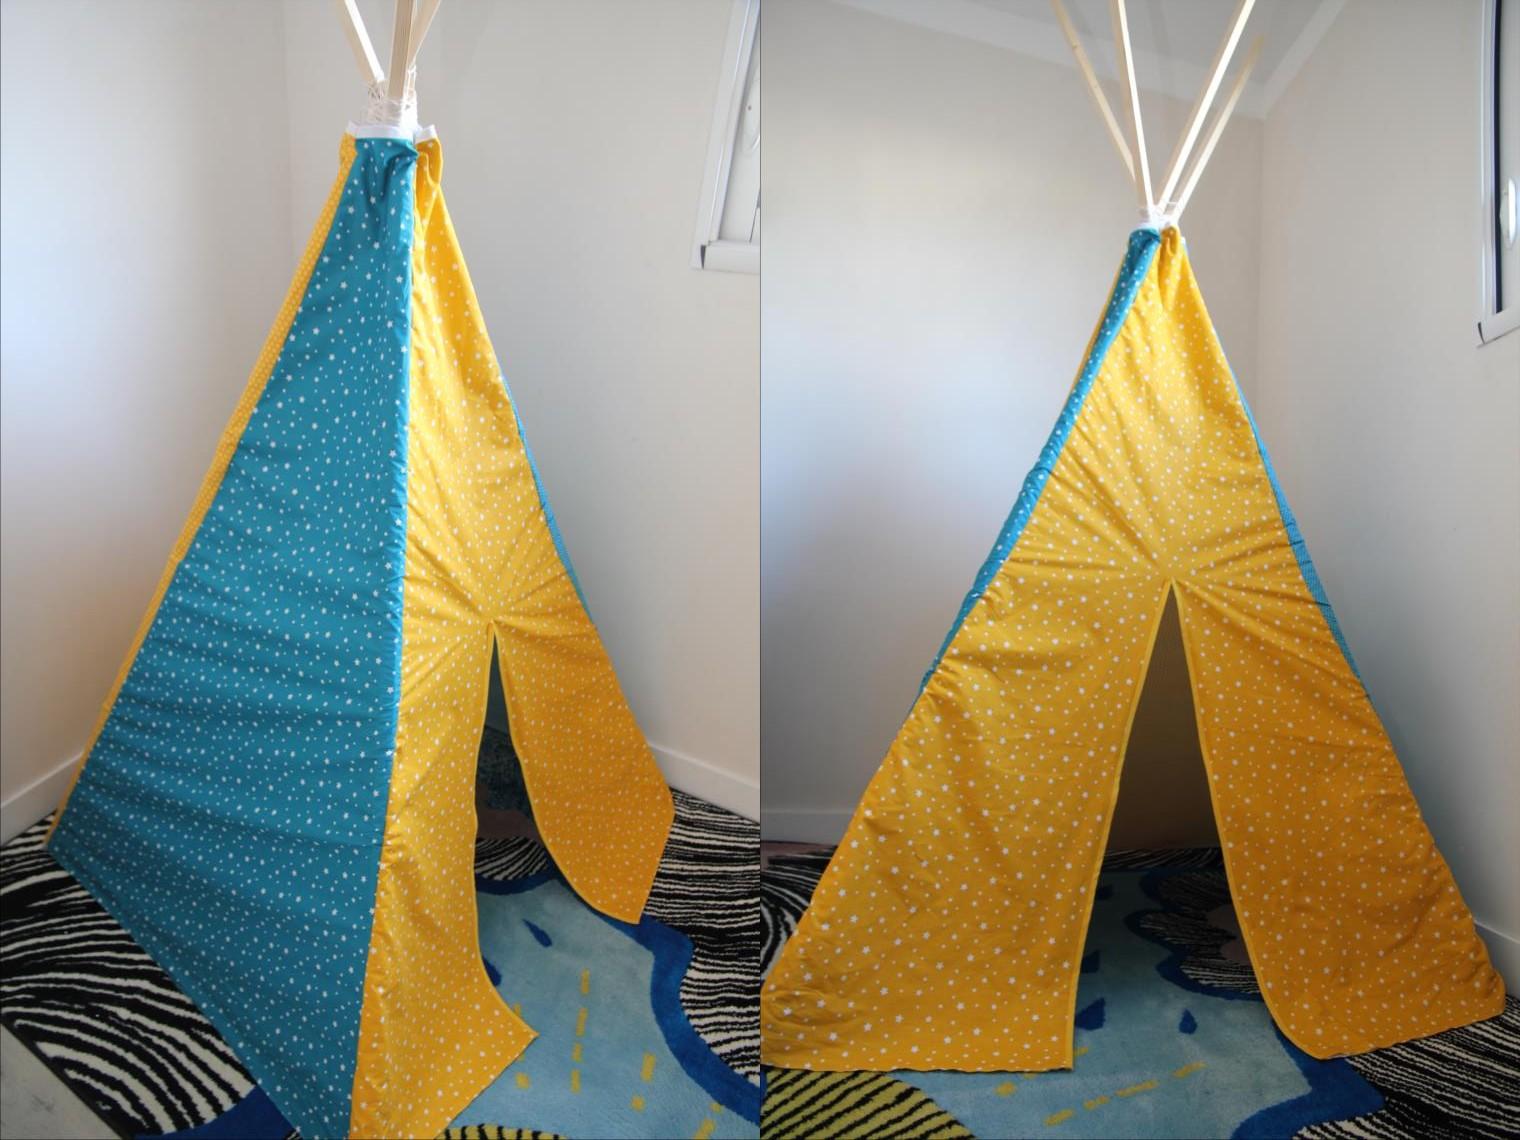 laisse luciefer tuto tipi pour enfants. Black Bedroom Furniture Sets. Home Design Ideas